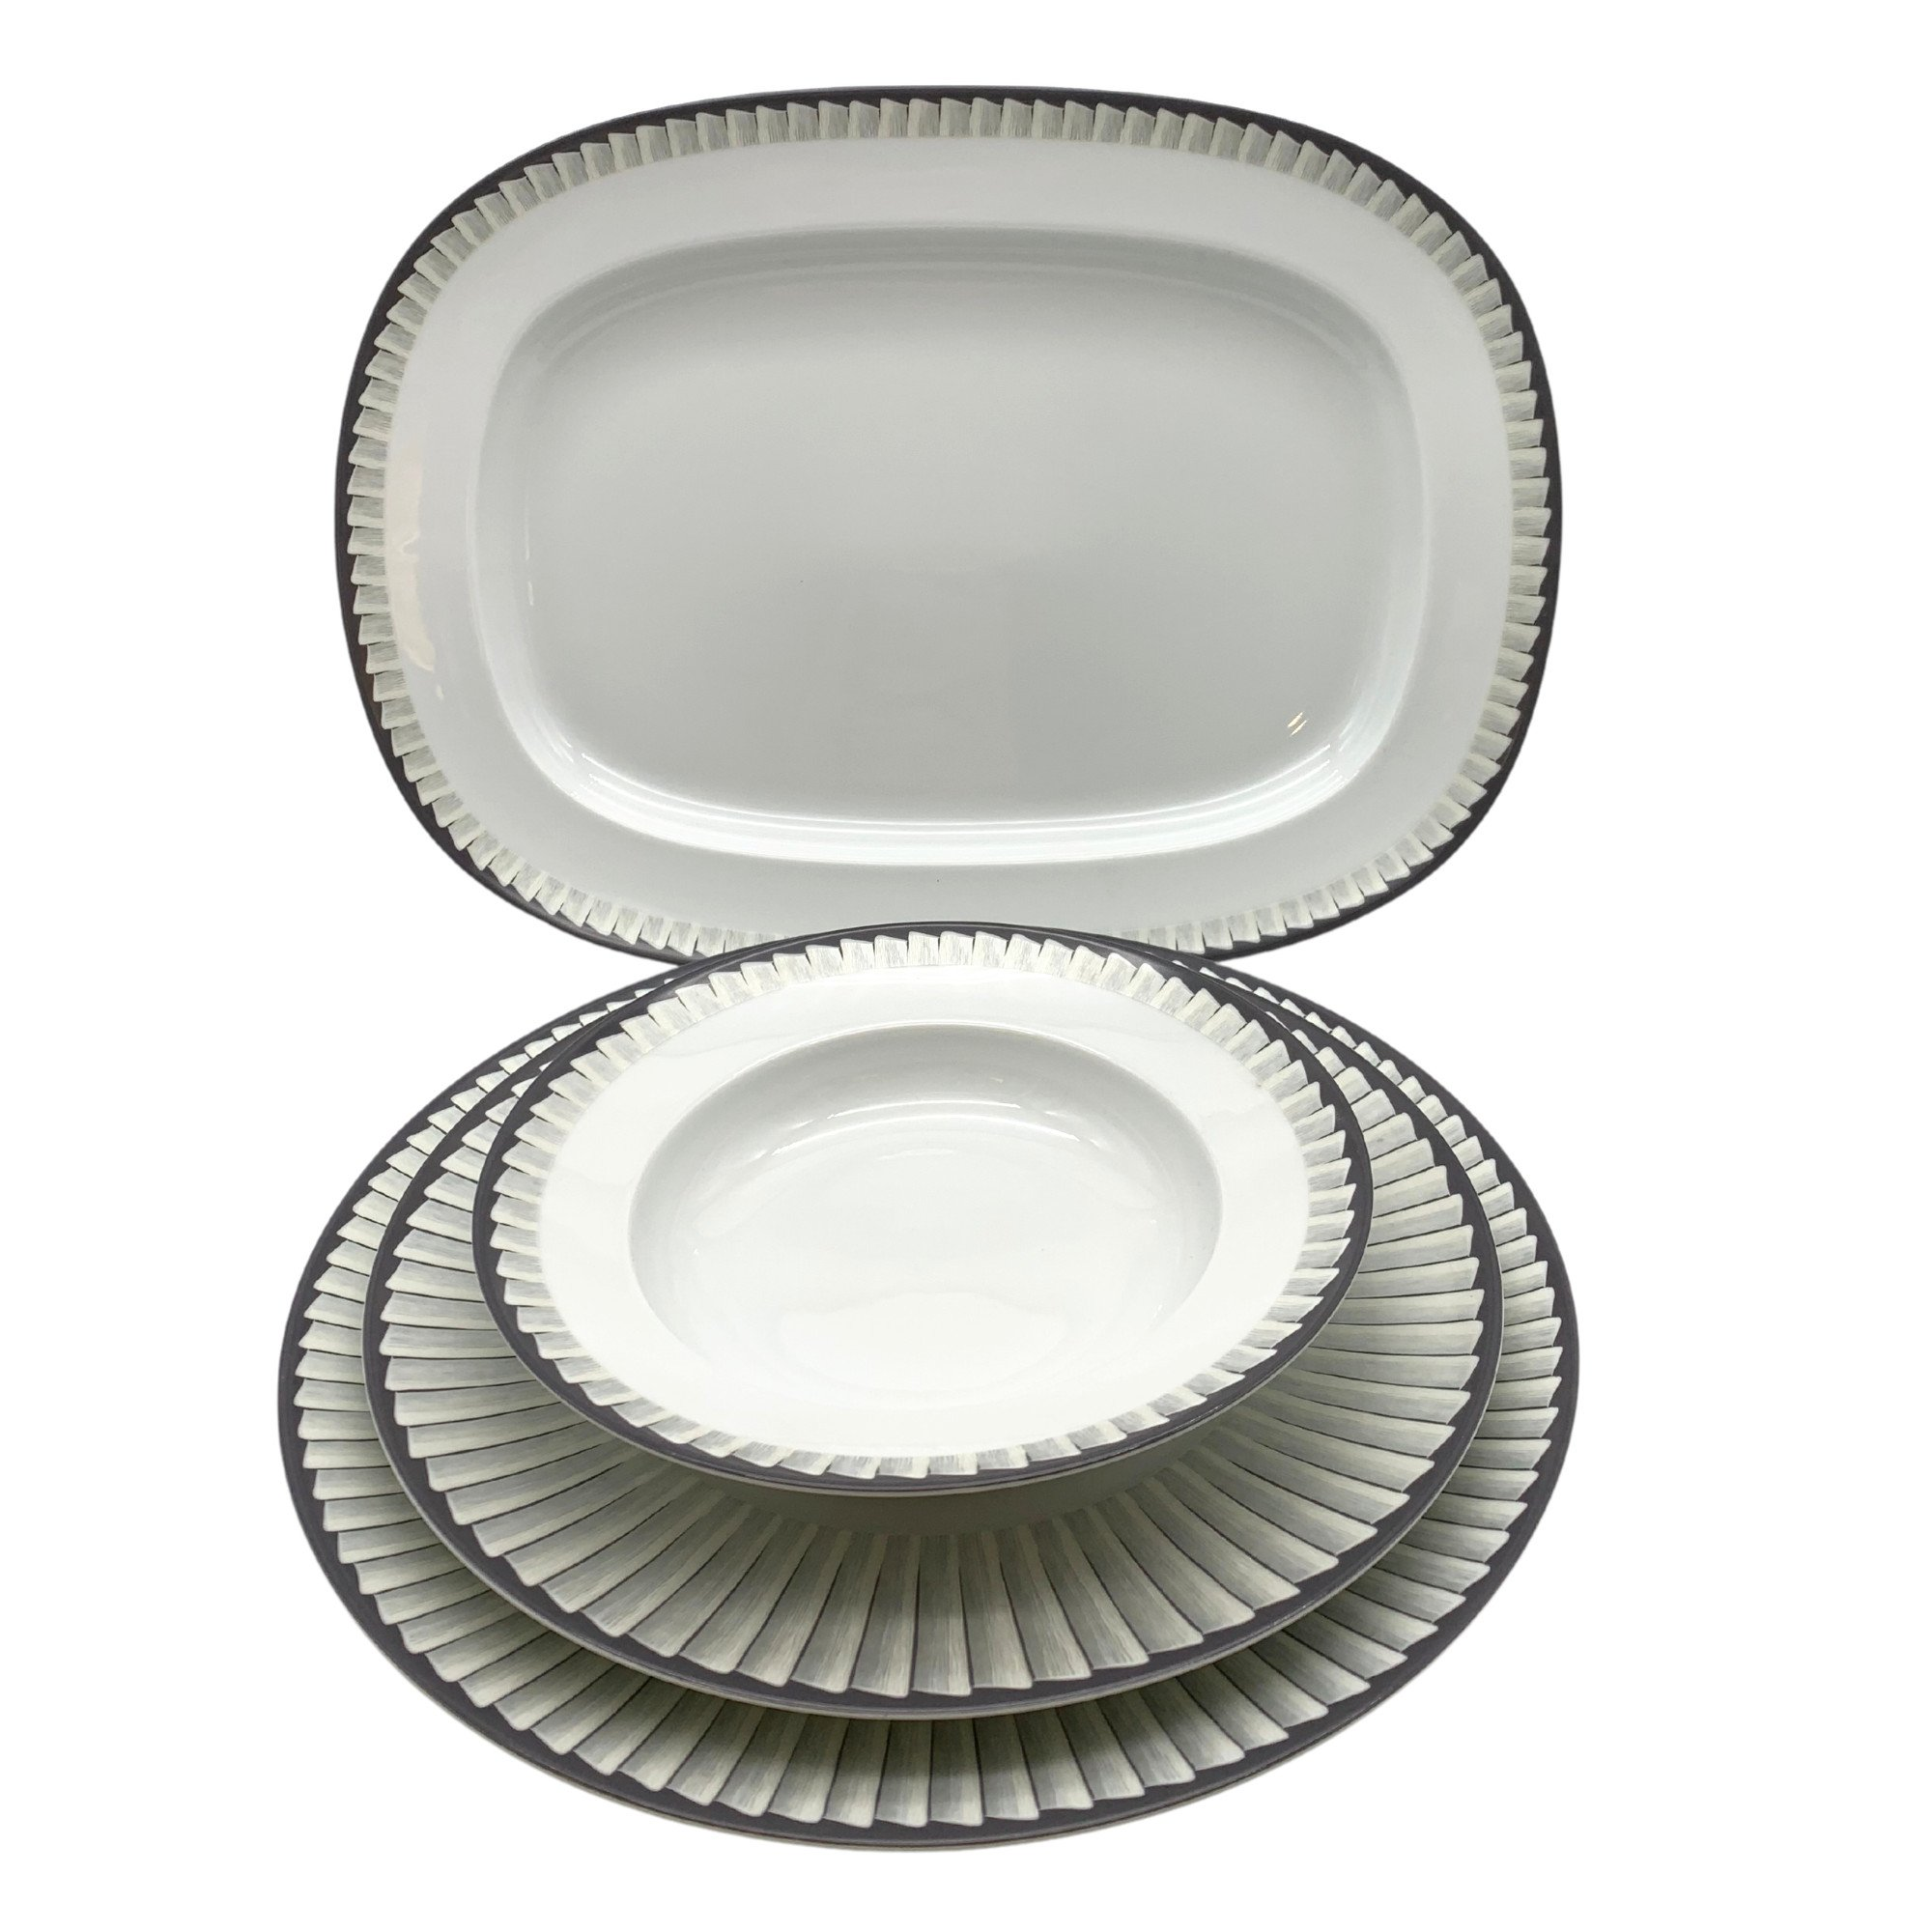 Dinner service for 12 Jl Coquet Servizio di piatti per 12 Jl Coquet sconto discount